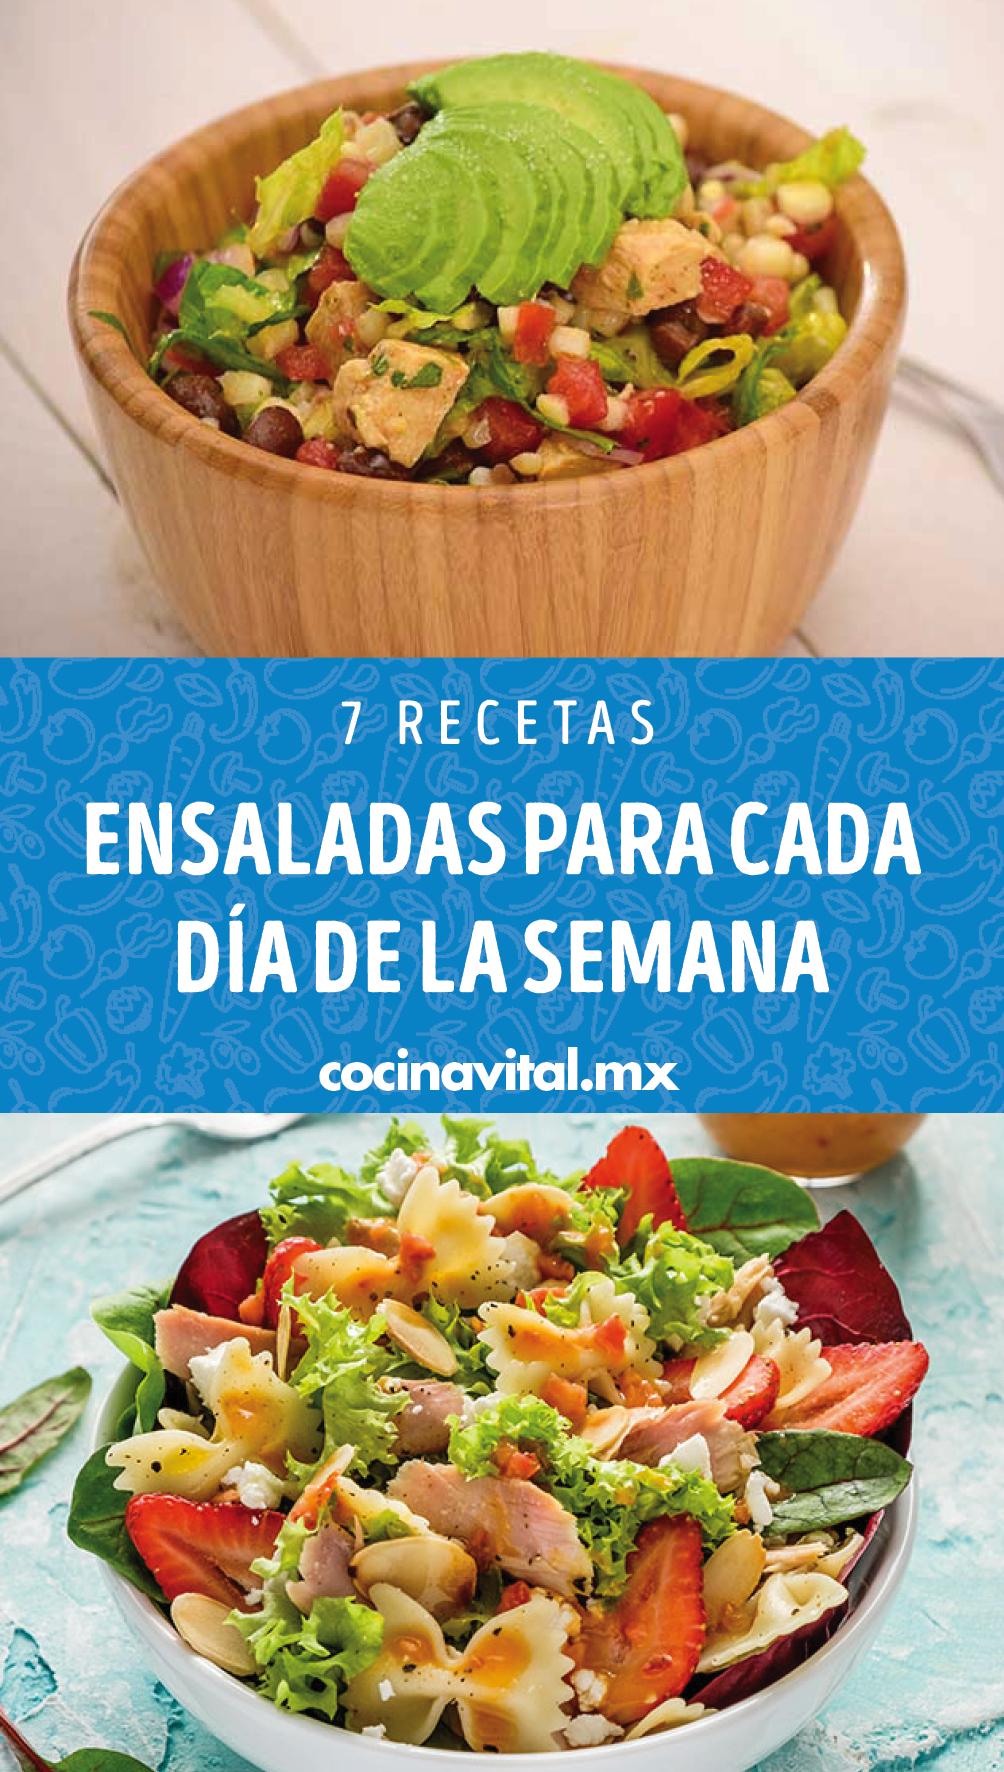 7 Recetas De Ensaladas Para Cada Dia De La Semana Cocina Vital Que Cocinar Hoy En 2020 Recetas De Comida Saludable Comida Saludable Ensaladas Recetas De Comida Faciles